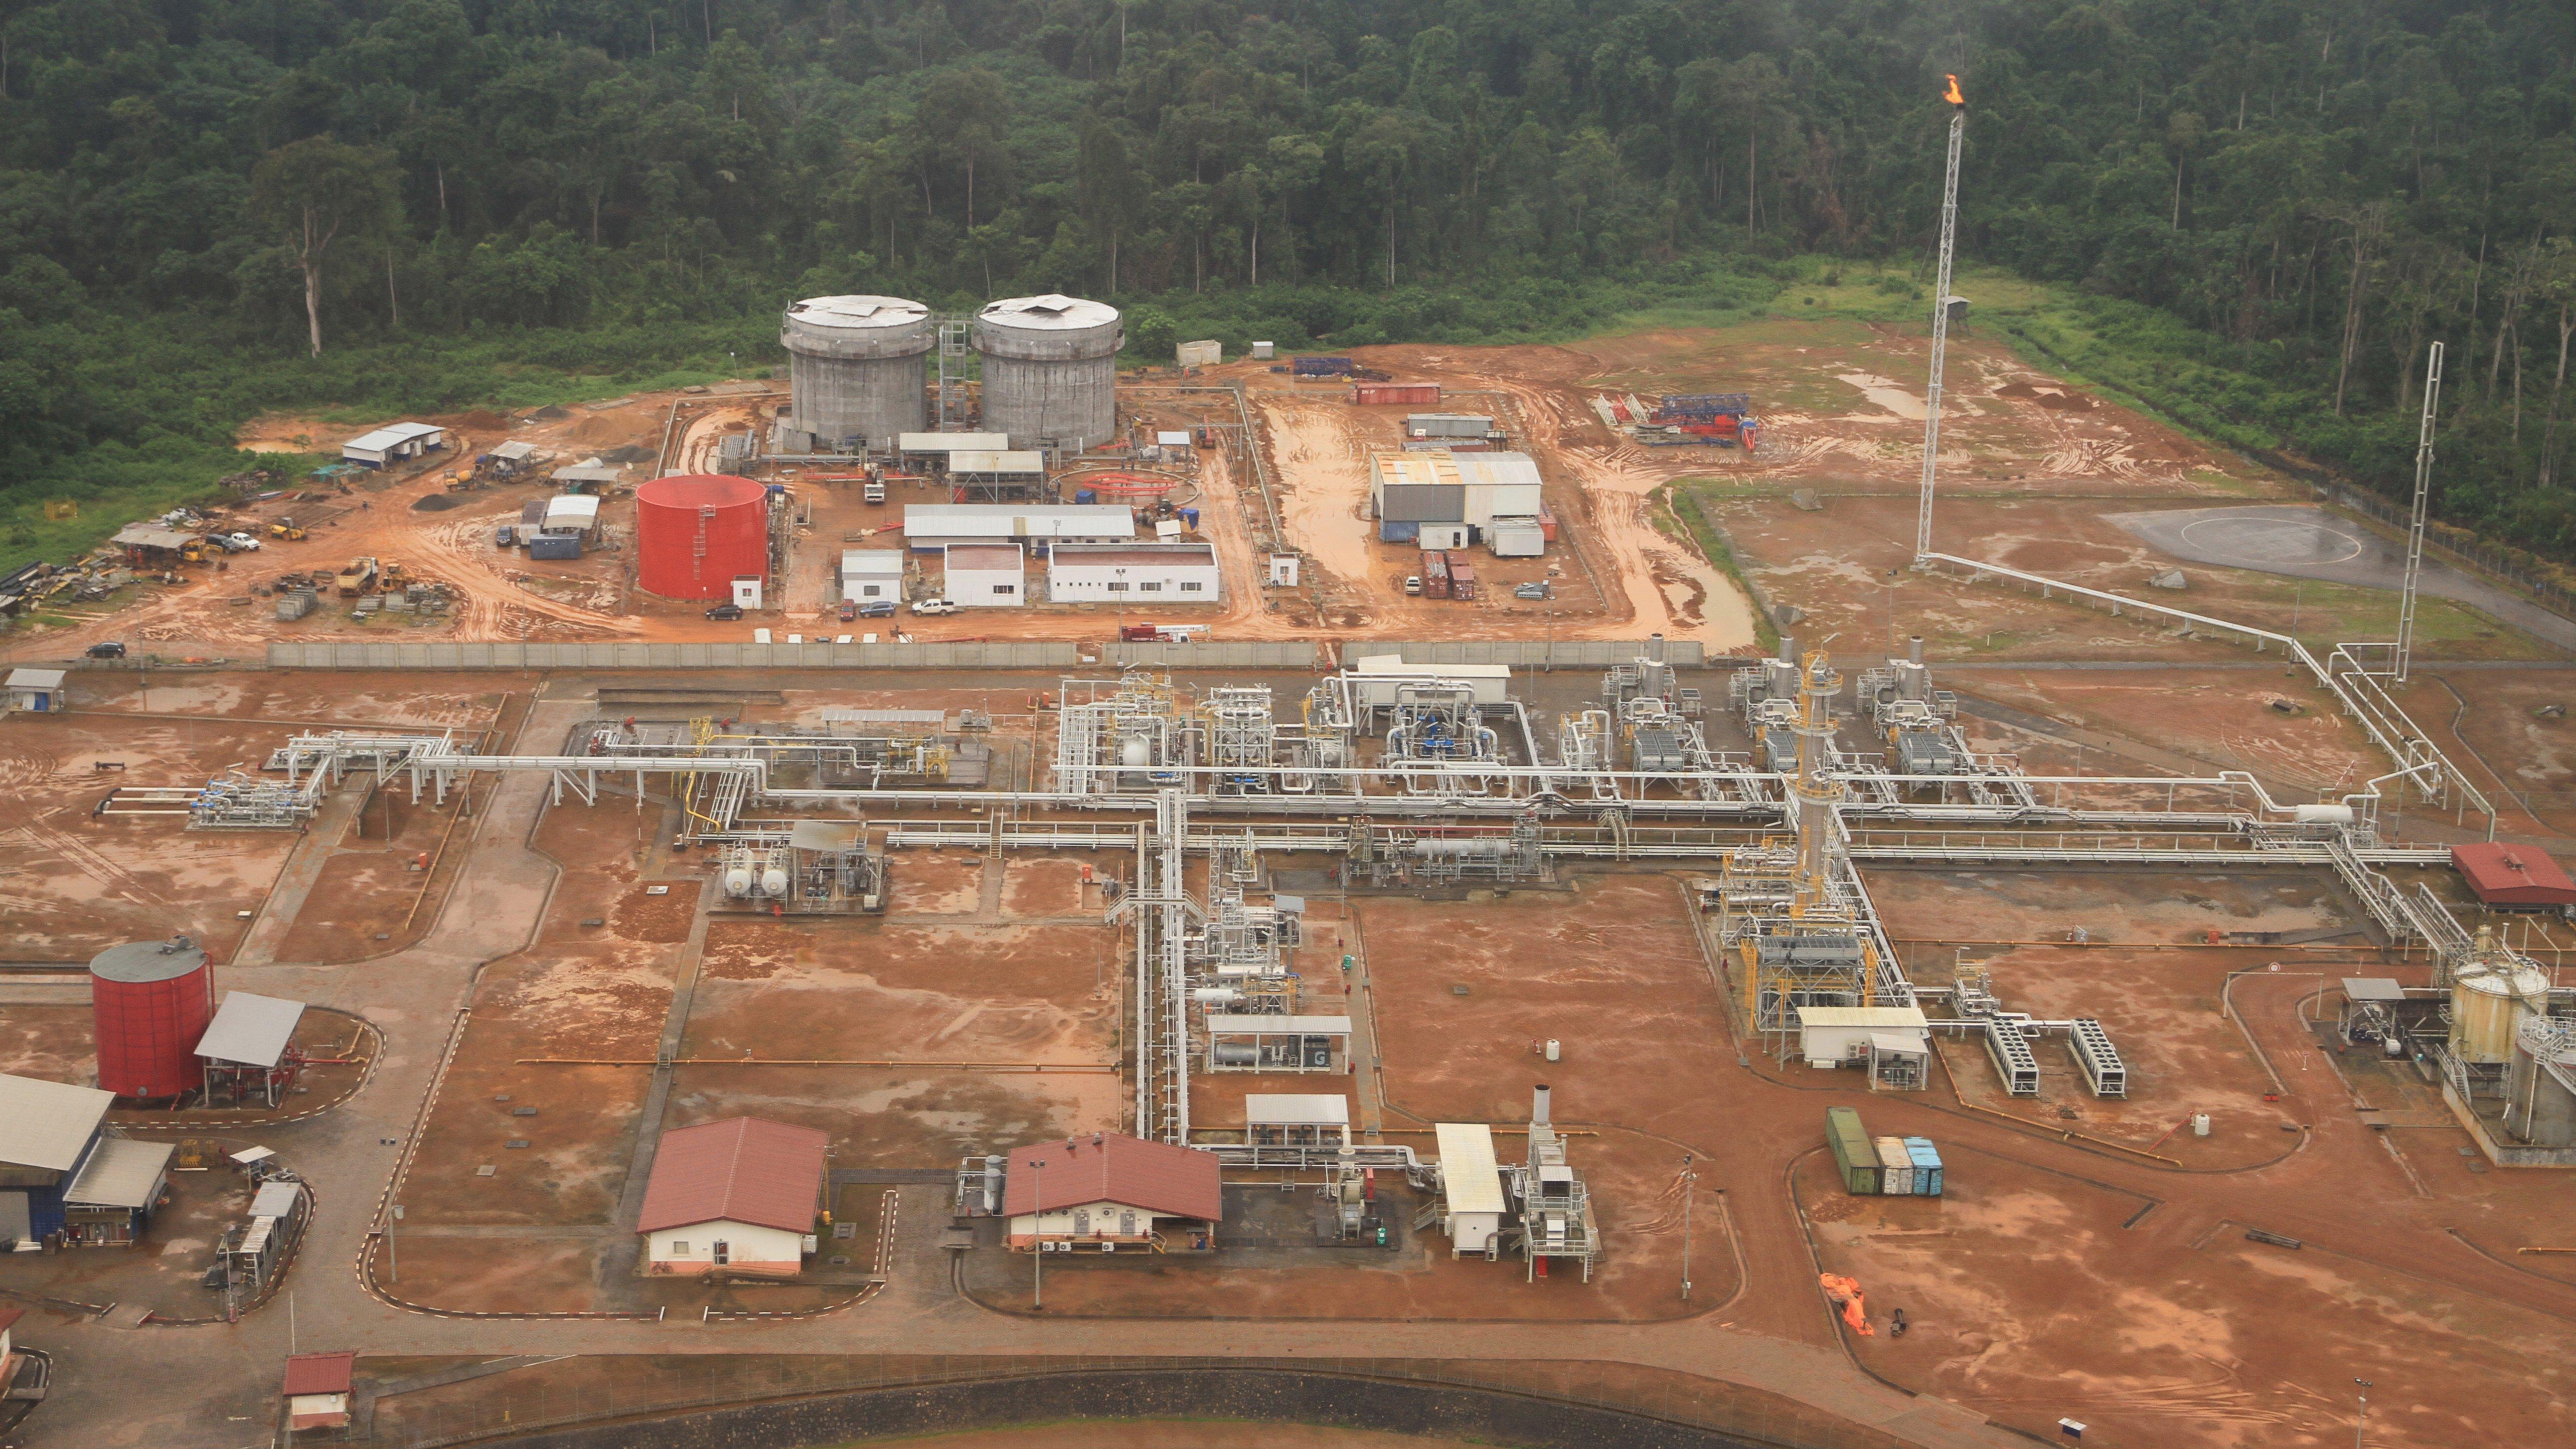 Gasaufbereitungsanlage in Rekordzeit modernisiert